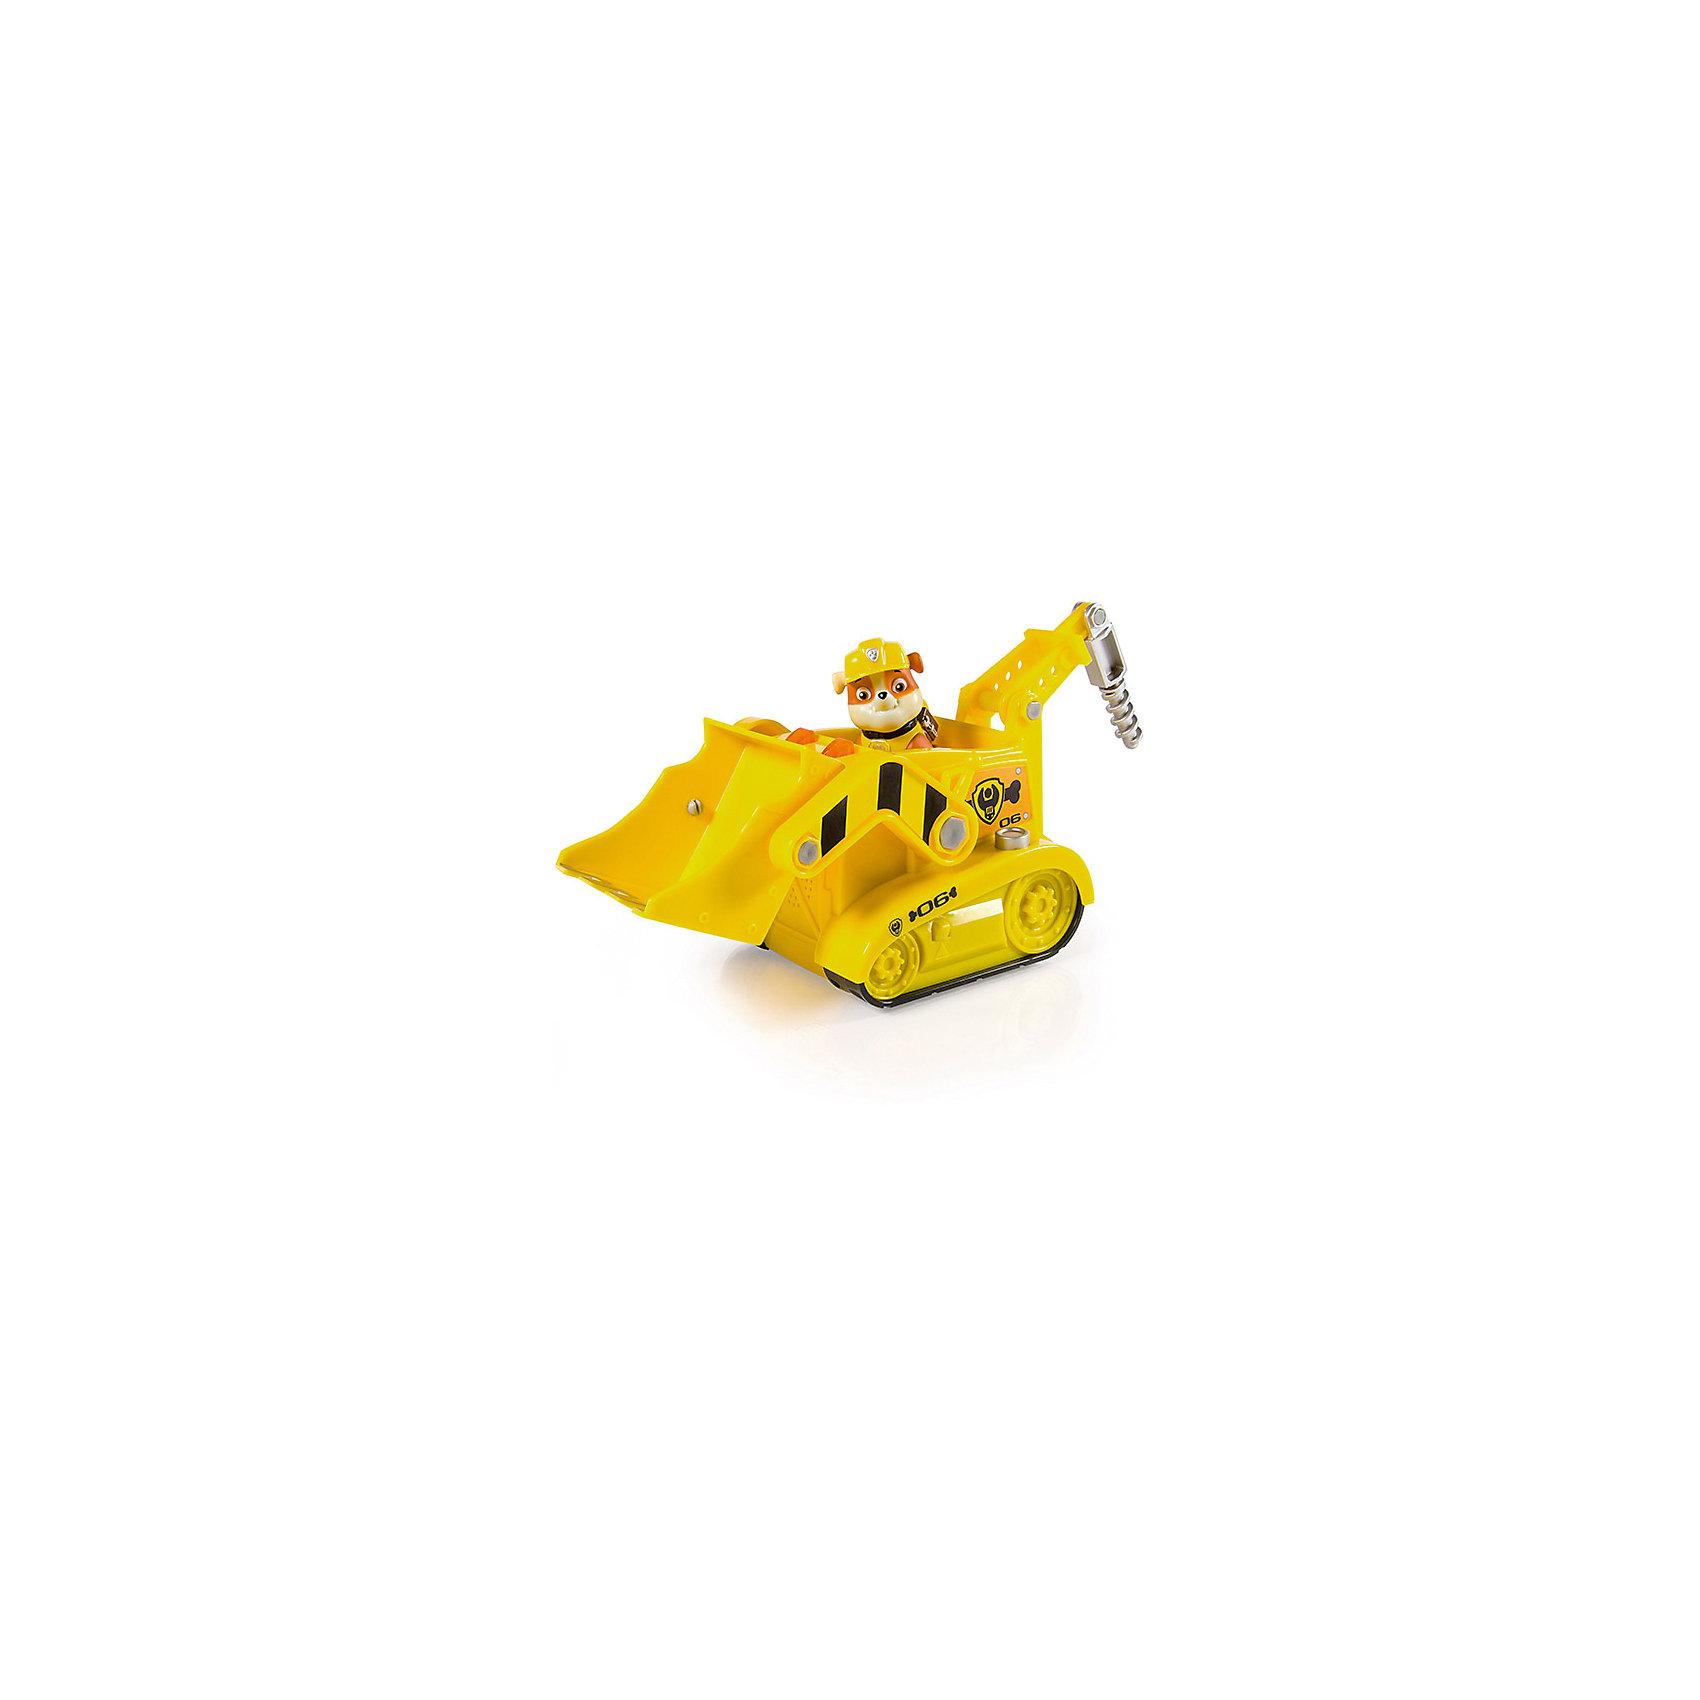 Автомобиль спасателей Крепыш, Щенячий патрульМашинки<br>Характеристики:<br><br>• Предназначение: для сюжетно-ролевых и подвижных игр<br>• Пол: для мальчиков<br>• Коллекция: Щенячий патруль<br>• Материал: пластик<br>• Комплектация: экскаватор, фигурка Крепыша<br>• Звуковые и световые эффекты<br>• Сзади у экскаватора предусмотрен бур<br>• Спереди двигающийся ковш<br>• Длина экскаватора: около 30 см<br>• Высота щенка: 7 см<br>• Батарейки: 3 шт. типа ААА (предусмотрены в комплекте)<br>• Вес: 690 г<br>• Размеры упаковки (Д*В*Ш): 30,5*13,5*25 см<br>• Упаковка: картонная коробка открытого типа<br>• Особенности ухода: сухая или влажная чистка<br><br>Автомобиль спасателей Крепыш, Щенячий патруль – это набор производителем которого является торговый бренд Spin Master, специализирующийся на выпуске интерактивных игрушек. Комплект состоит из строительного экскаватора и фигурки Крепыша. Все детали выполнены из прочного и безопасного пластика, окрашены нетоксичными красками. Фигурка Крепыша выполнена с высокой степенью детализации и соответствия экранному прототипу: у него имеется яркая защитная каска и желтый жилет. <br><br>Экскаватор оснащен буром (двигается вверх и вниз) и подвижным ковшом. Гусеницы не подвижные, но экскаватор может перемещаться за счет маленьких колесиков. Сюжетно-ролевые игры с набором будут способствовать развитию памяти, фантазии и воображения, а также позволят воспроизвести наиболее понравившиеся сюжеты с любимыми героями.<br><br>Автомобиль спасателей Крепыш, Щенячий патруль можно купить в нашем интернет-магазине.<br><br>Ширина мм: 305<br>Глубина мм: 250<br>Высота мм: 135<br>Вес г: 690<br>Возраст от месяцев: 36<br>Возраст до месяцев: 84<br>Пол: Мужской<br>Возраст: Детский<br>SKU: 5348070